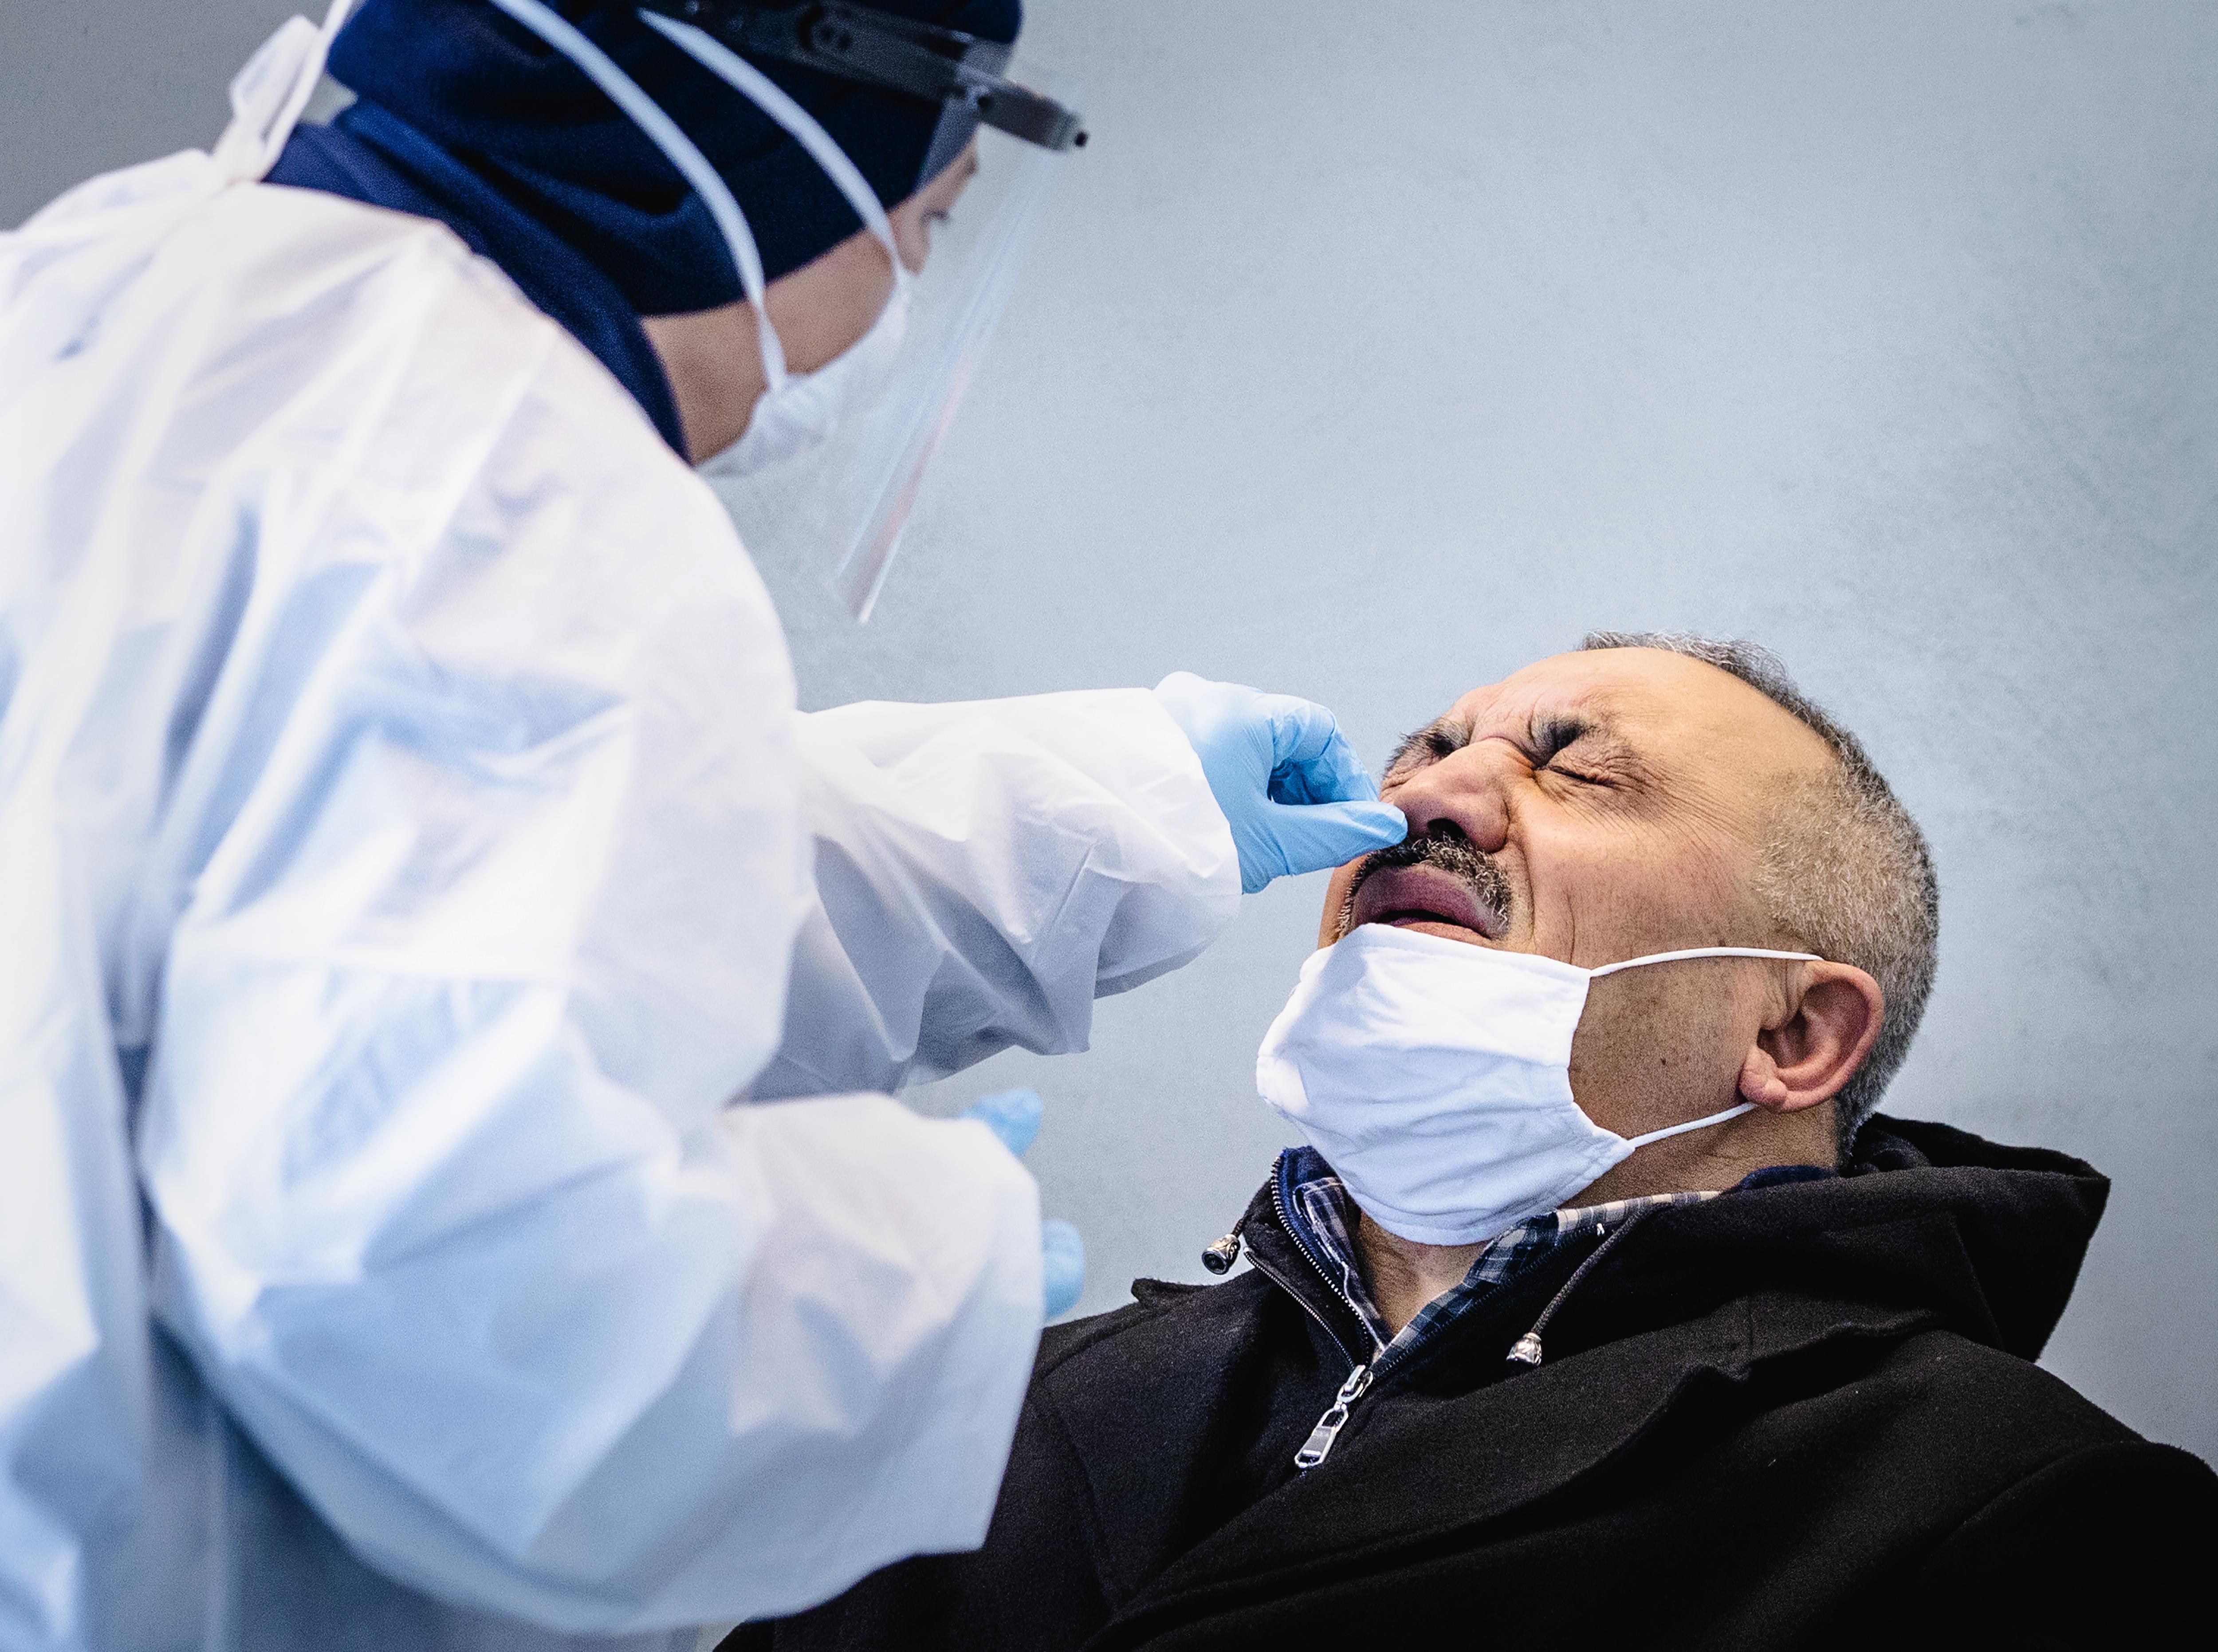 Coronacijfers dinsdag: Aantal besmettingen in Haarlemse regio in de lift, rond het niveau van twee weken terug